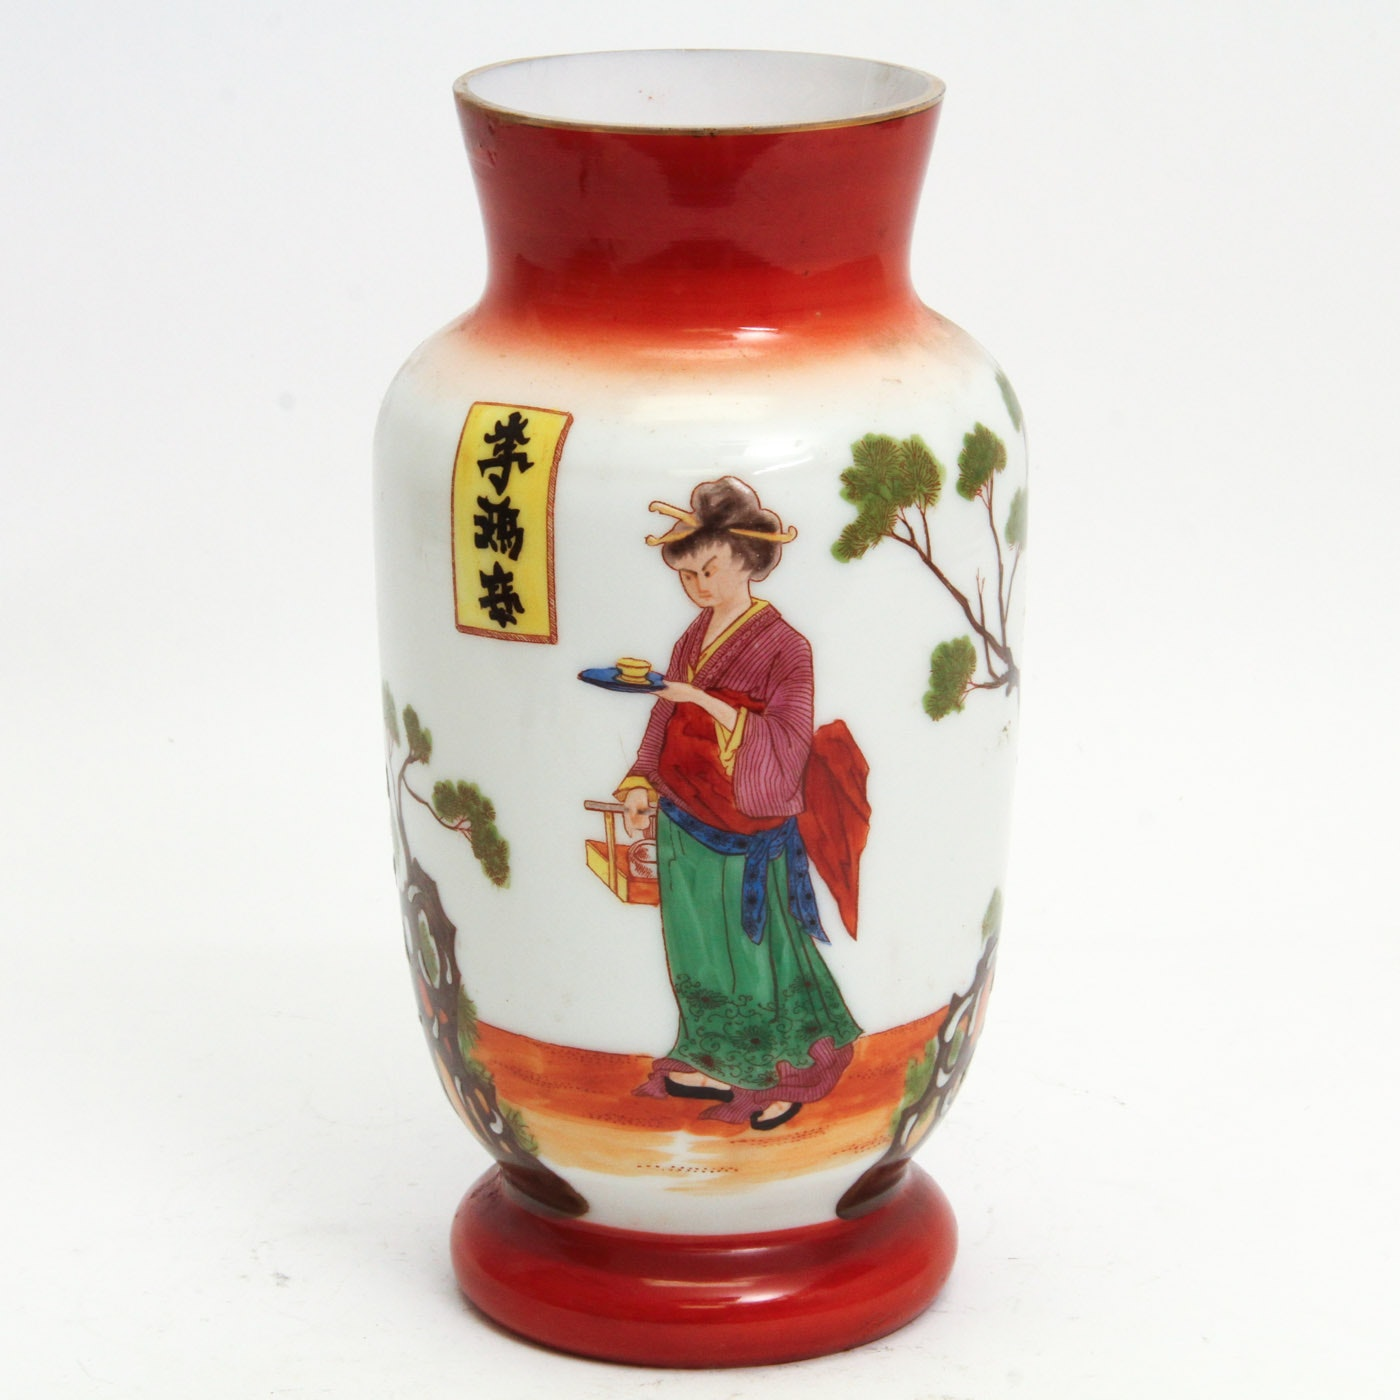 Japanese Inspired Porcelain Vase